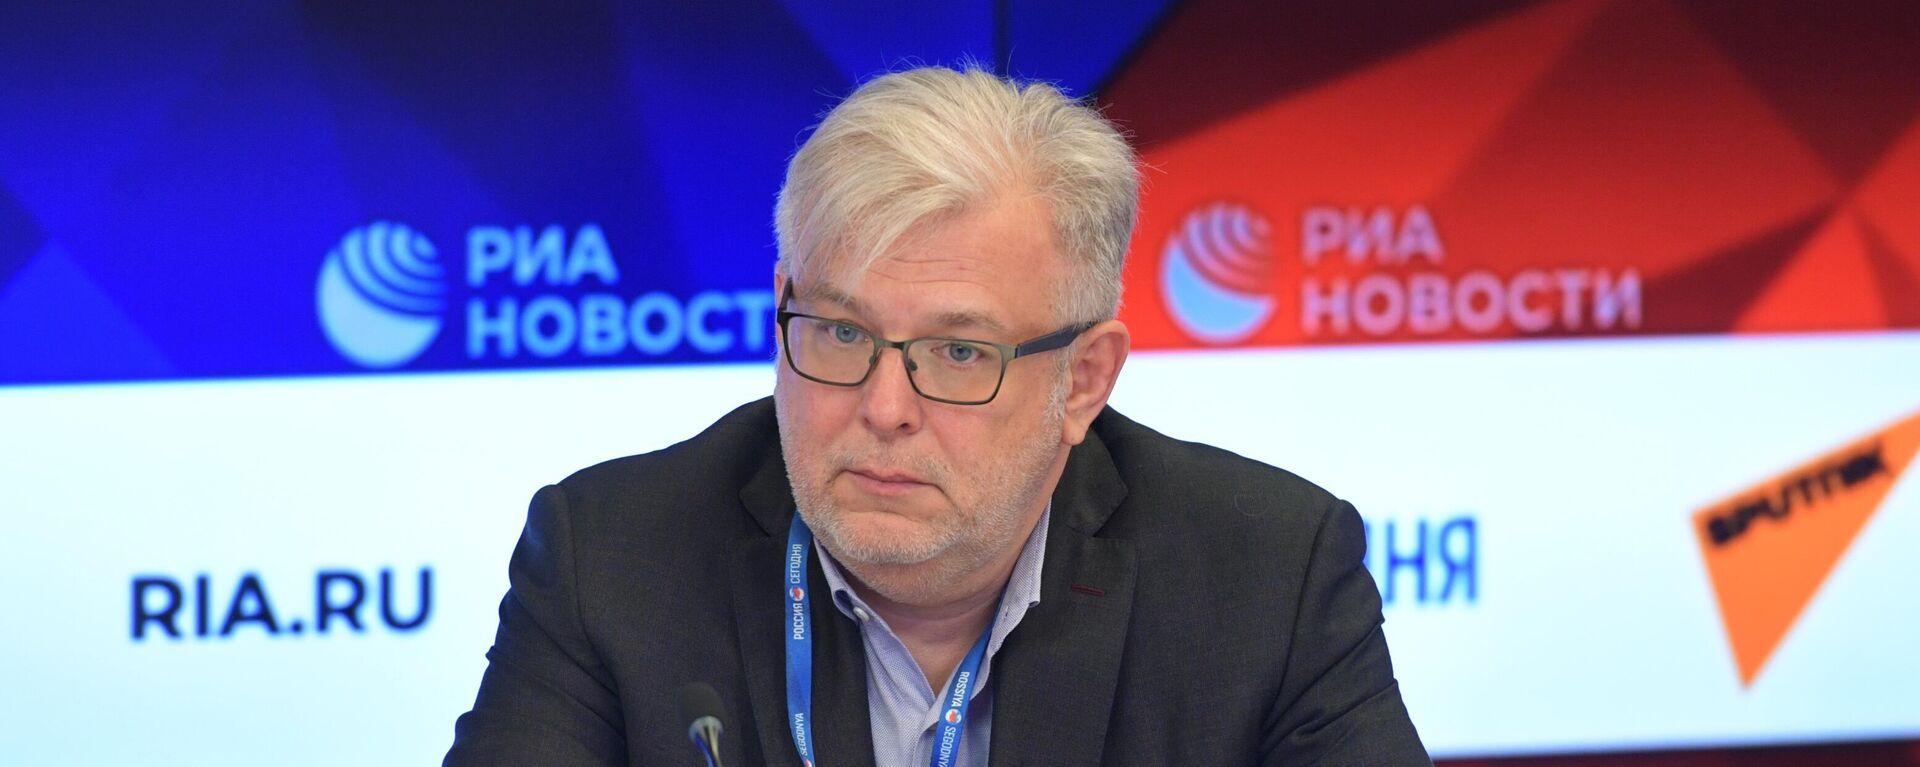 Дмитрий Куликов: Запад хочет Россию подчинить и разобрать на запчасти - Sputnik Латвия, 1920, 22.06.2021